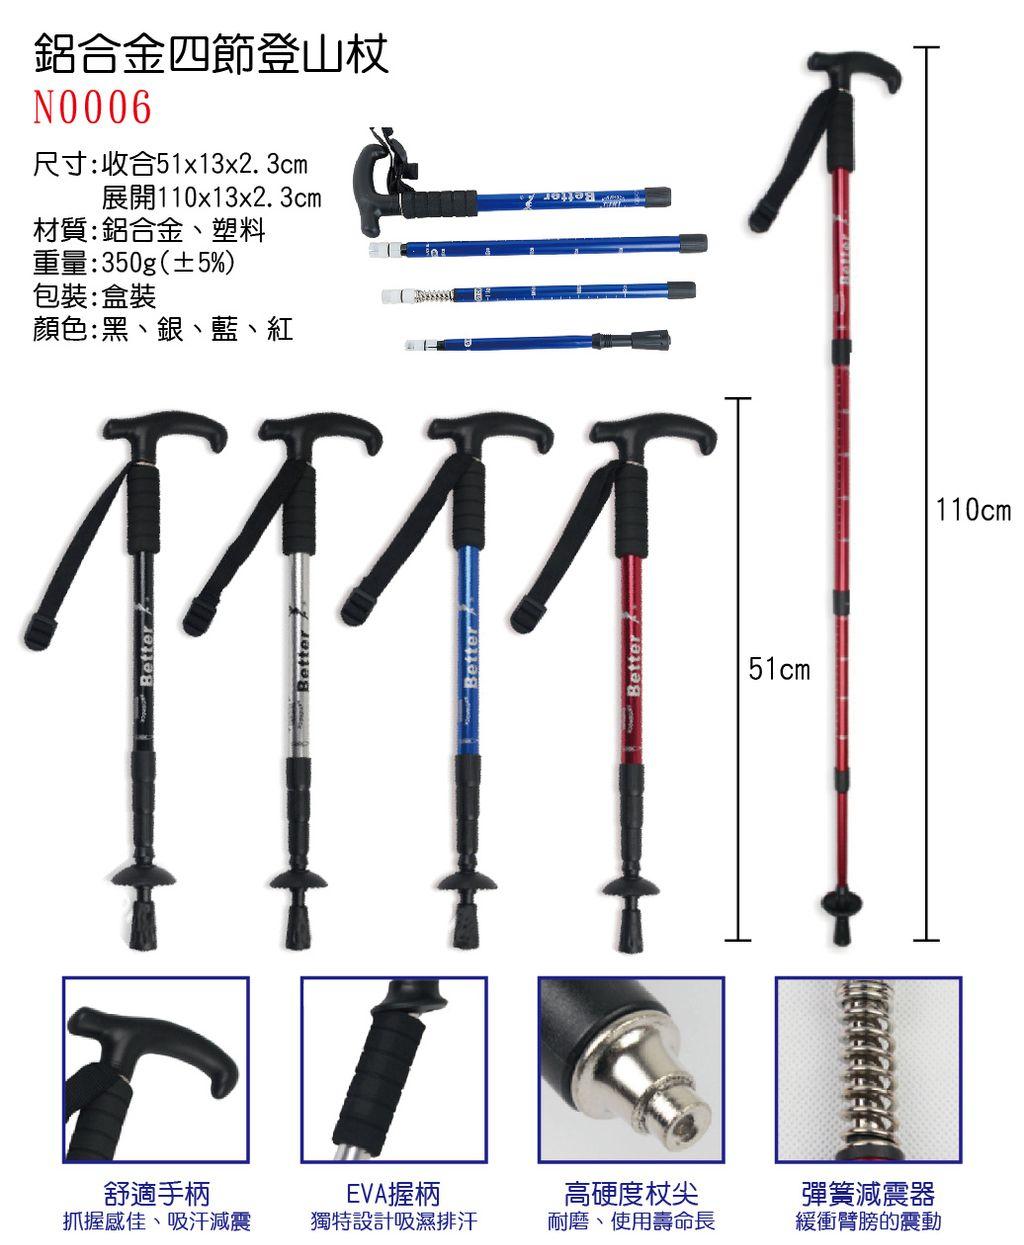 N0003 鋁合金登山杖_單圖_無-01.jpg